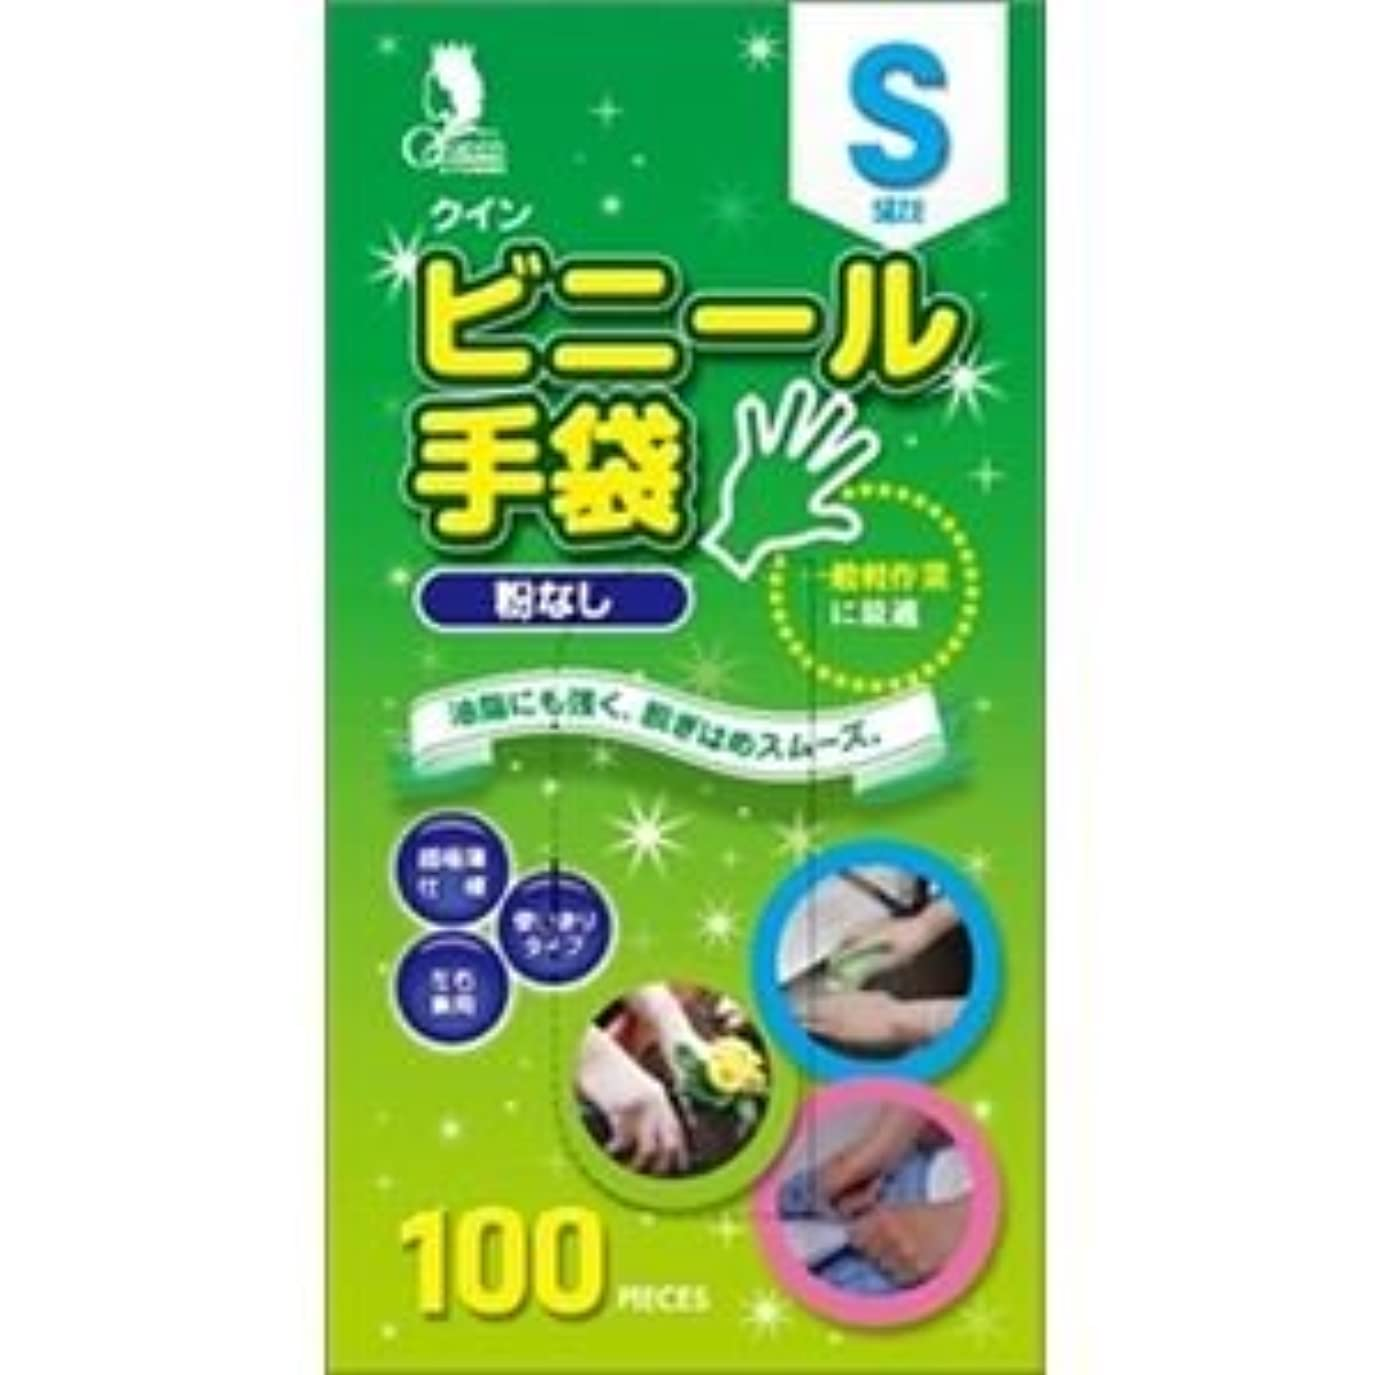 つま先移住するアクティビティ(まとめ)宇都宮製作 クインビニール手袋100枚入 S (N) 【×3点セット】